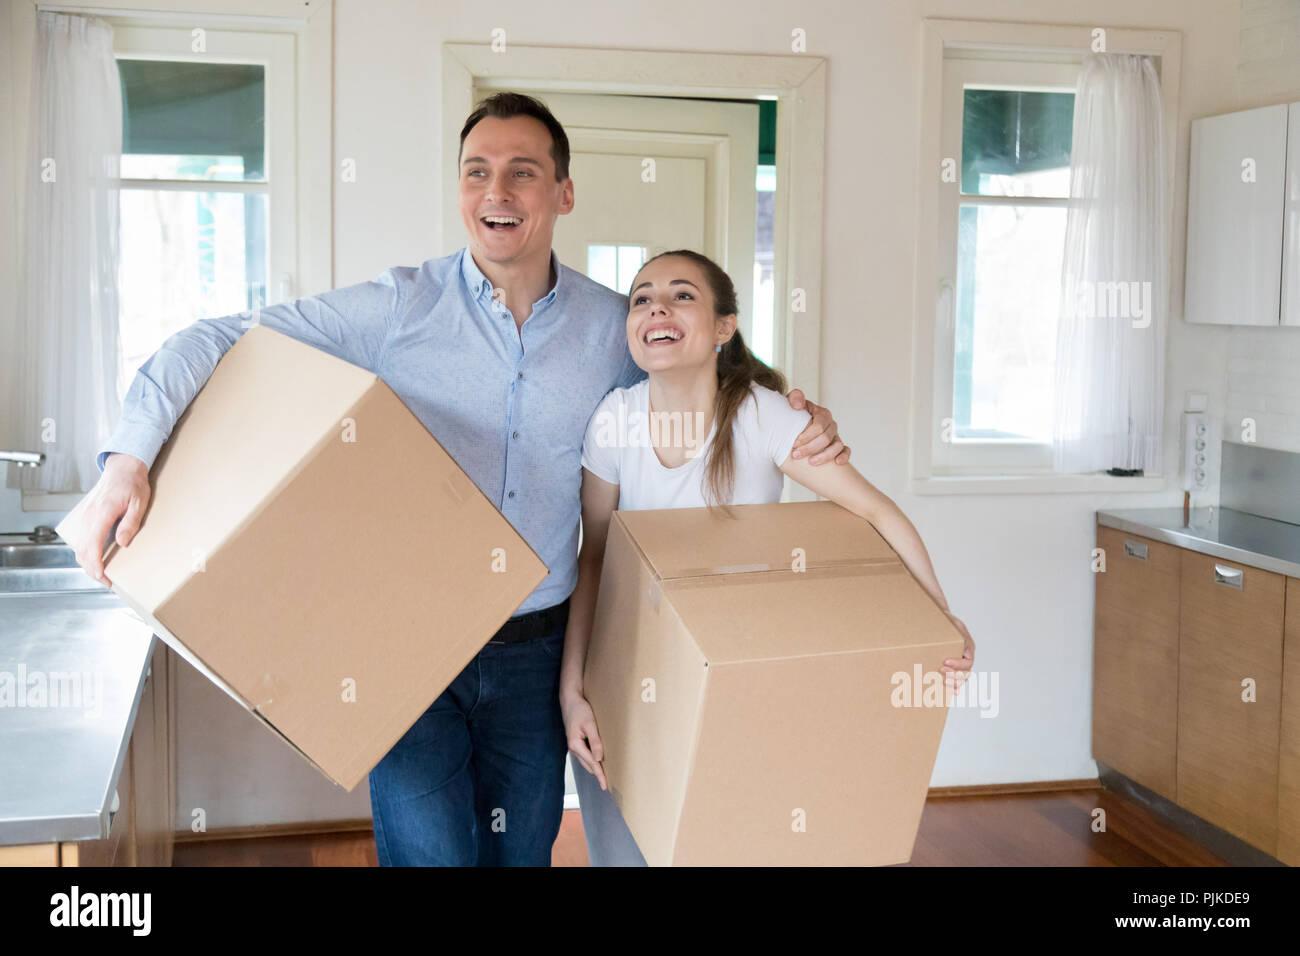 Heureux couple holding boxes moving dans de nouvelle maison Photo Stock